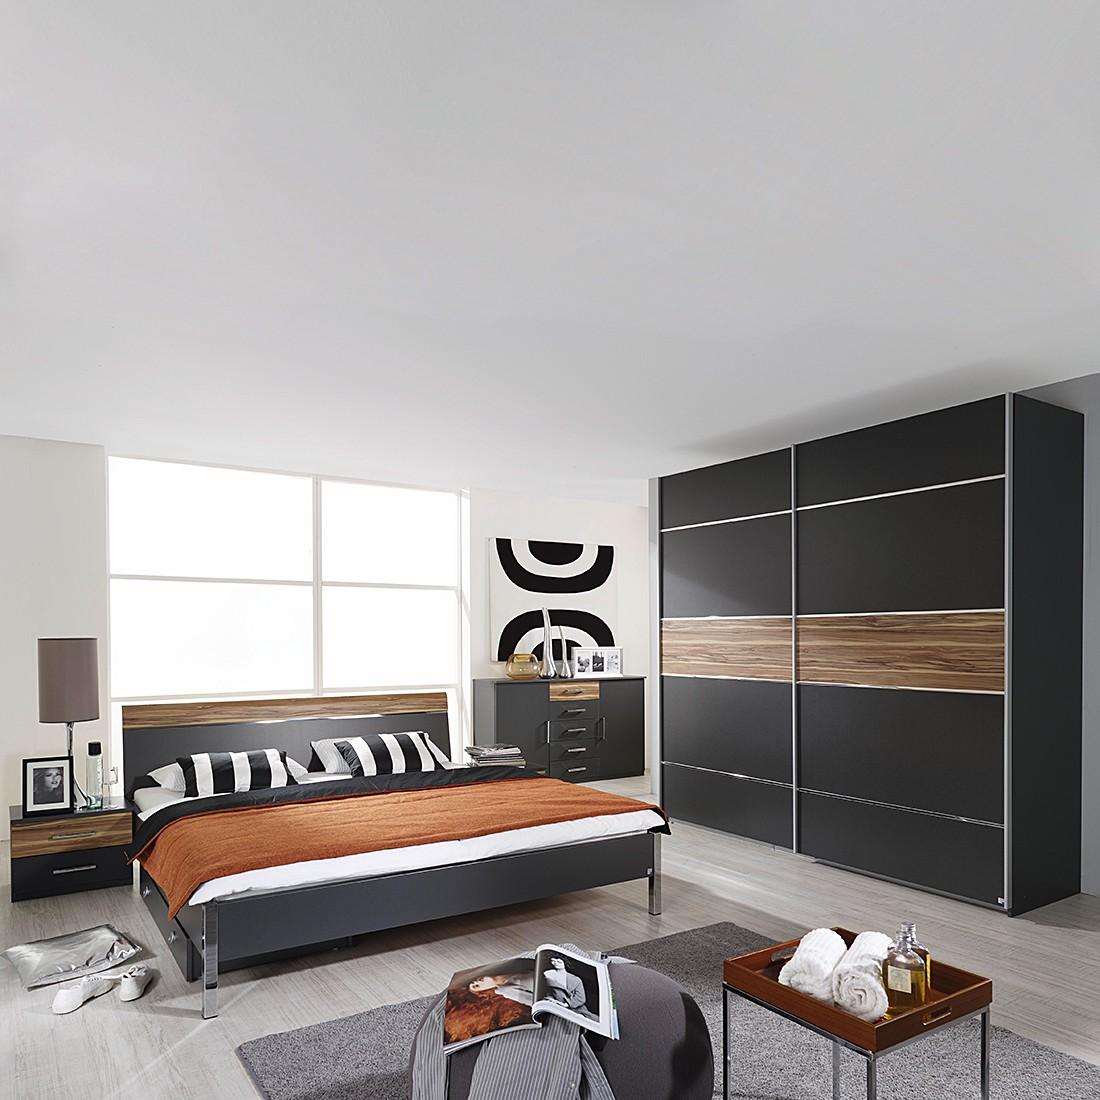 Schlafzimmer walnuss badewanne im schlafzimmer bettw sche online kaufen auf rechnung komplett - Wandfarbe auf rechnung ...